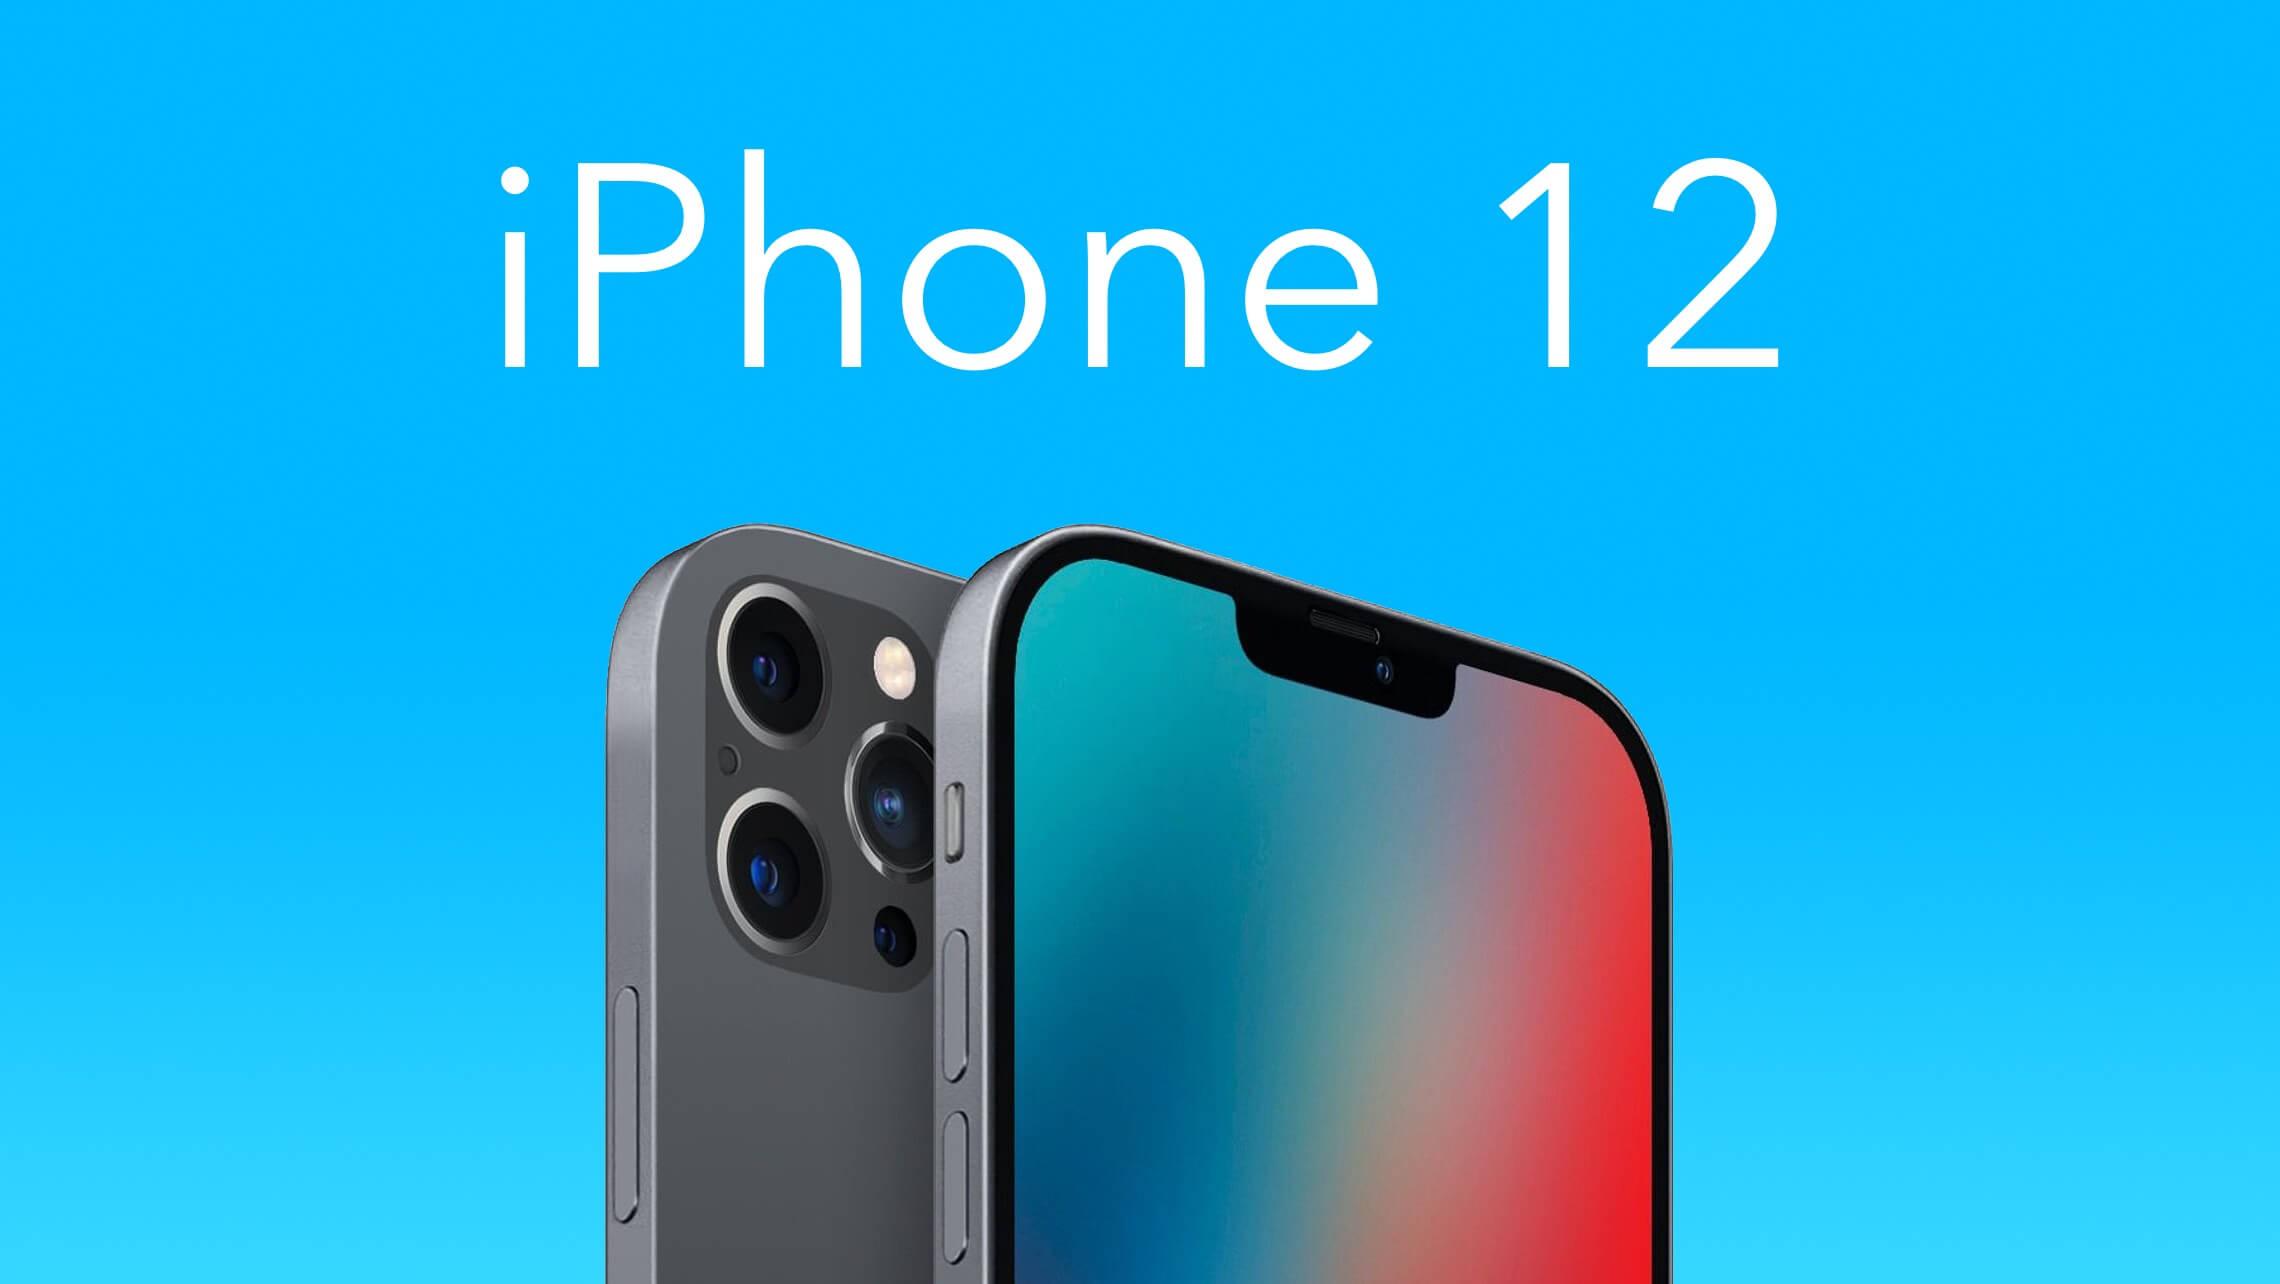 Këto janë të gjitha detajet e modeleve të reja iPhone 12